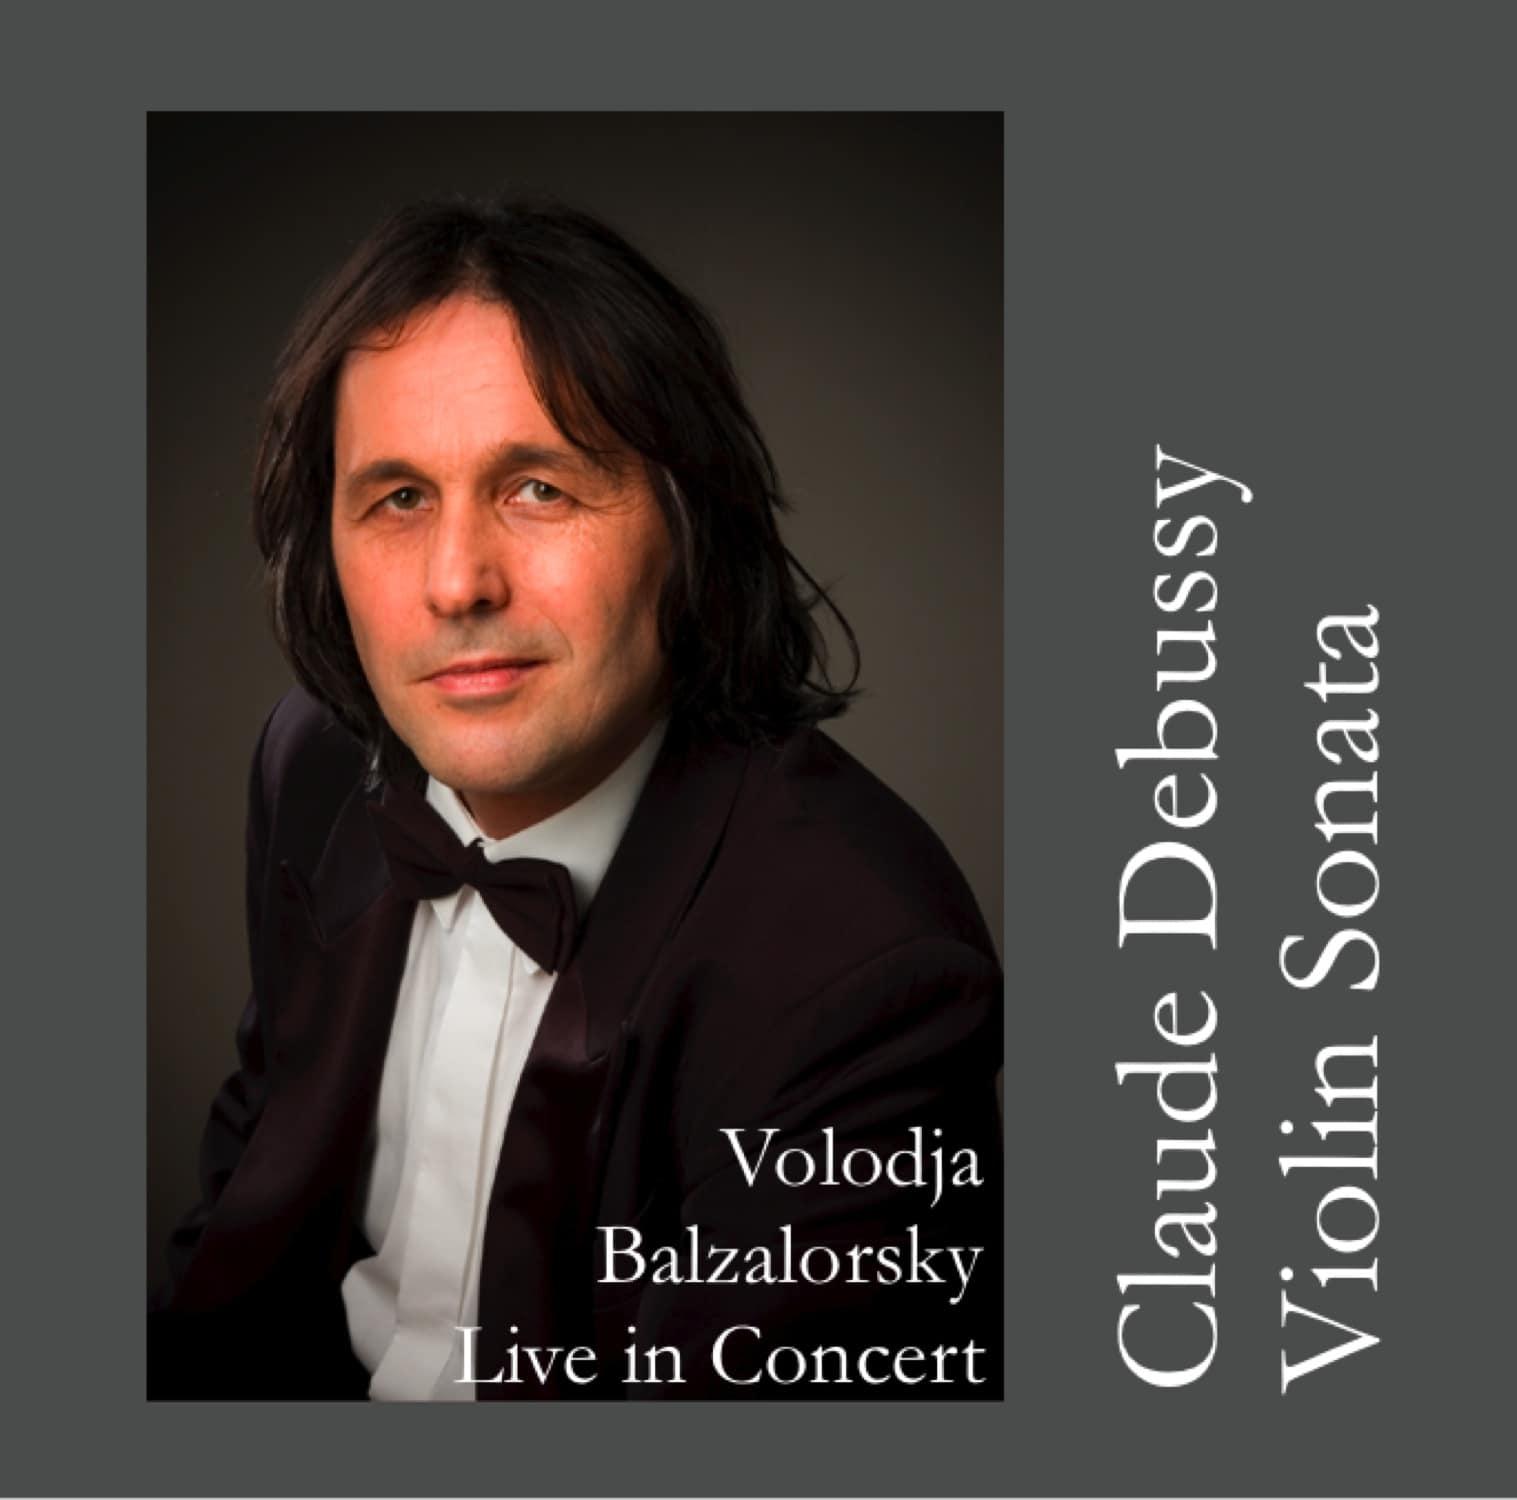 Claude Debussy-Violin Sonata: Volodja Balzalorsky Live in Concert